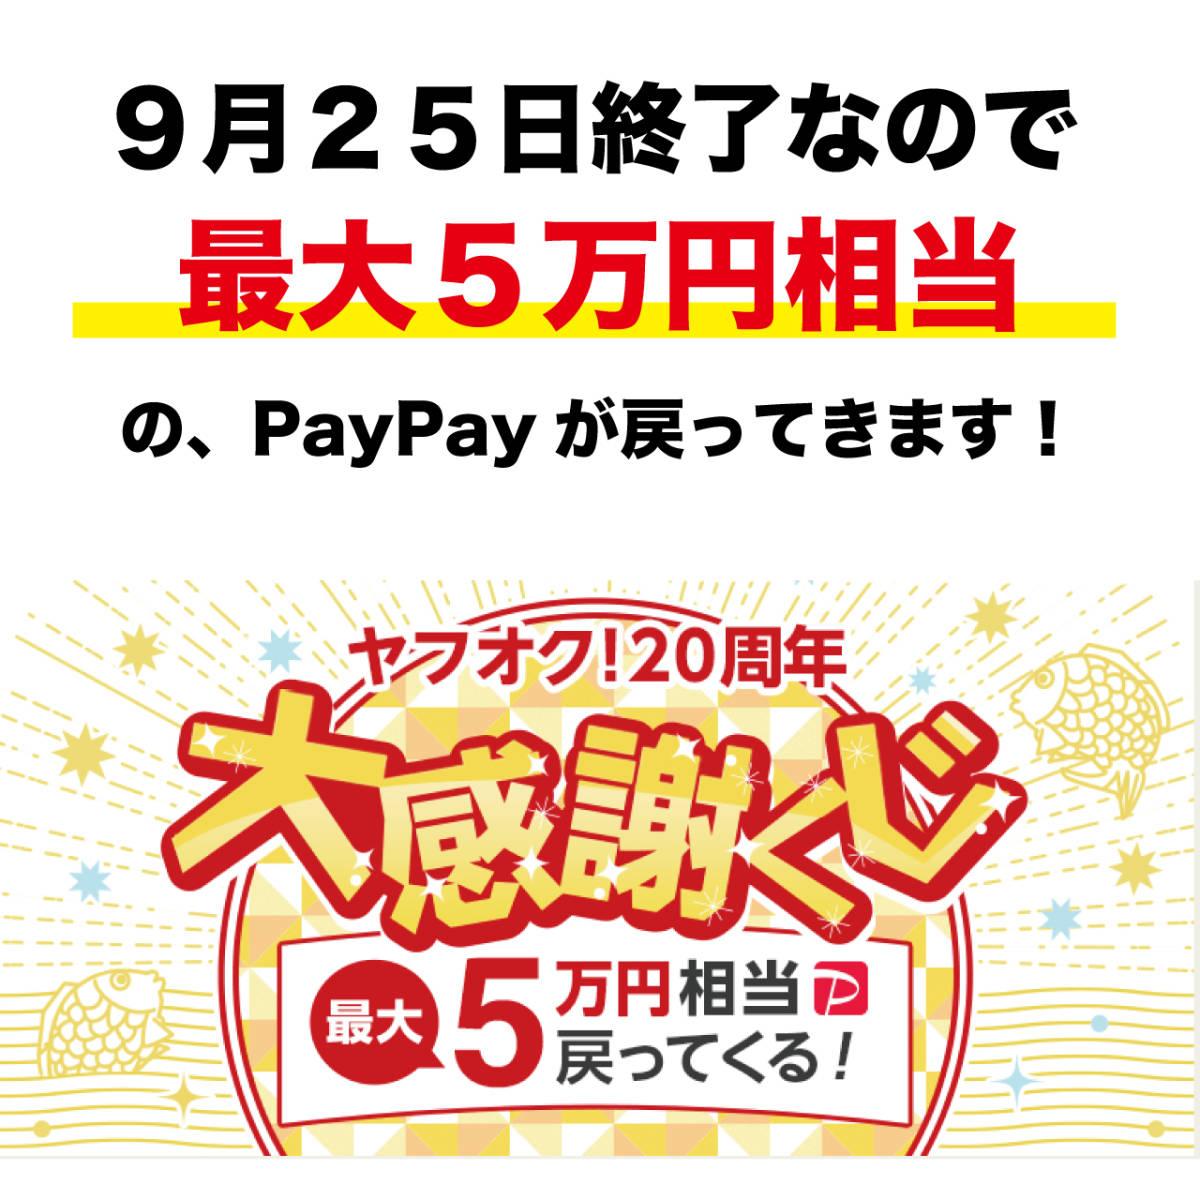 【限定1個】高勝率バイナリーサインツール 1円スタート!5のつく日と大感謝くじで超お得に購入可能!_画像3